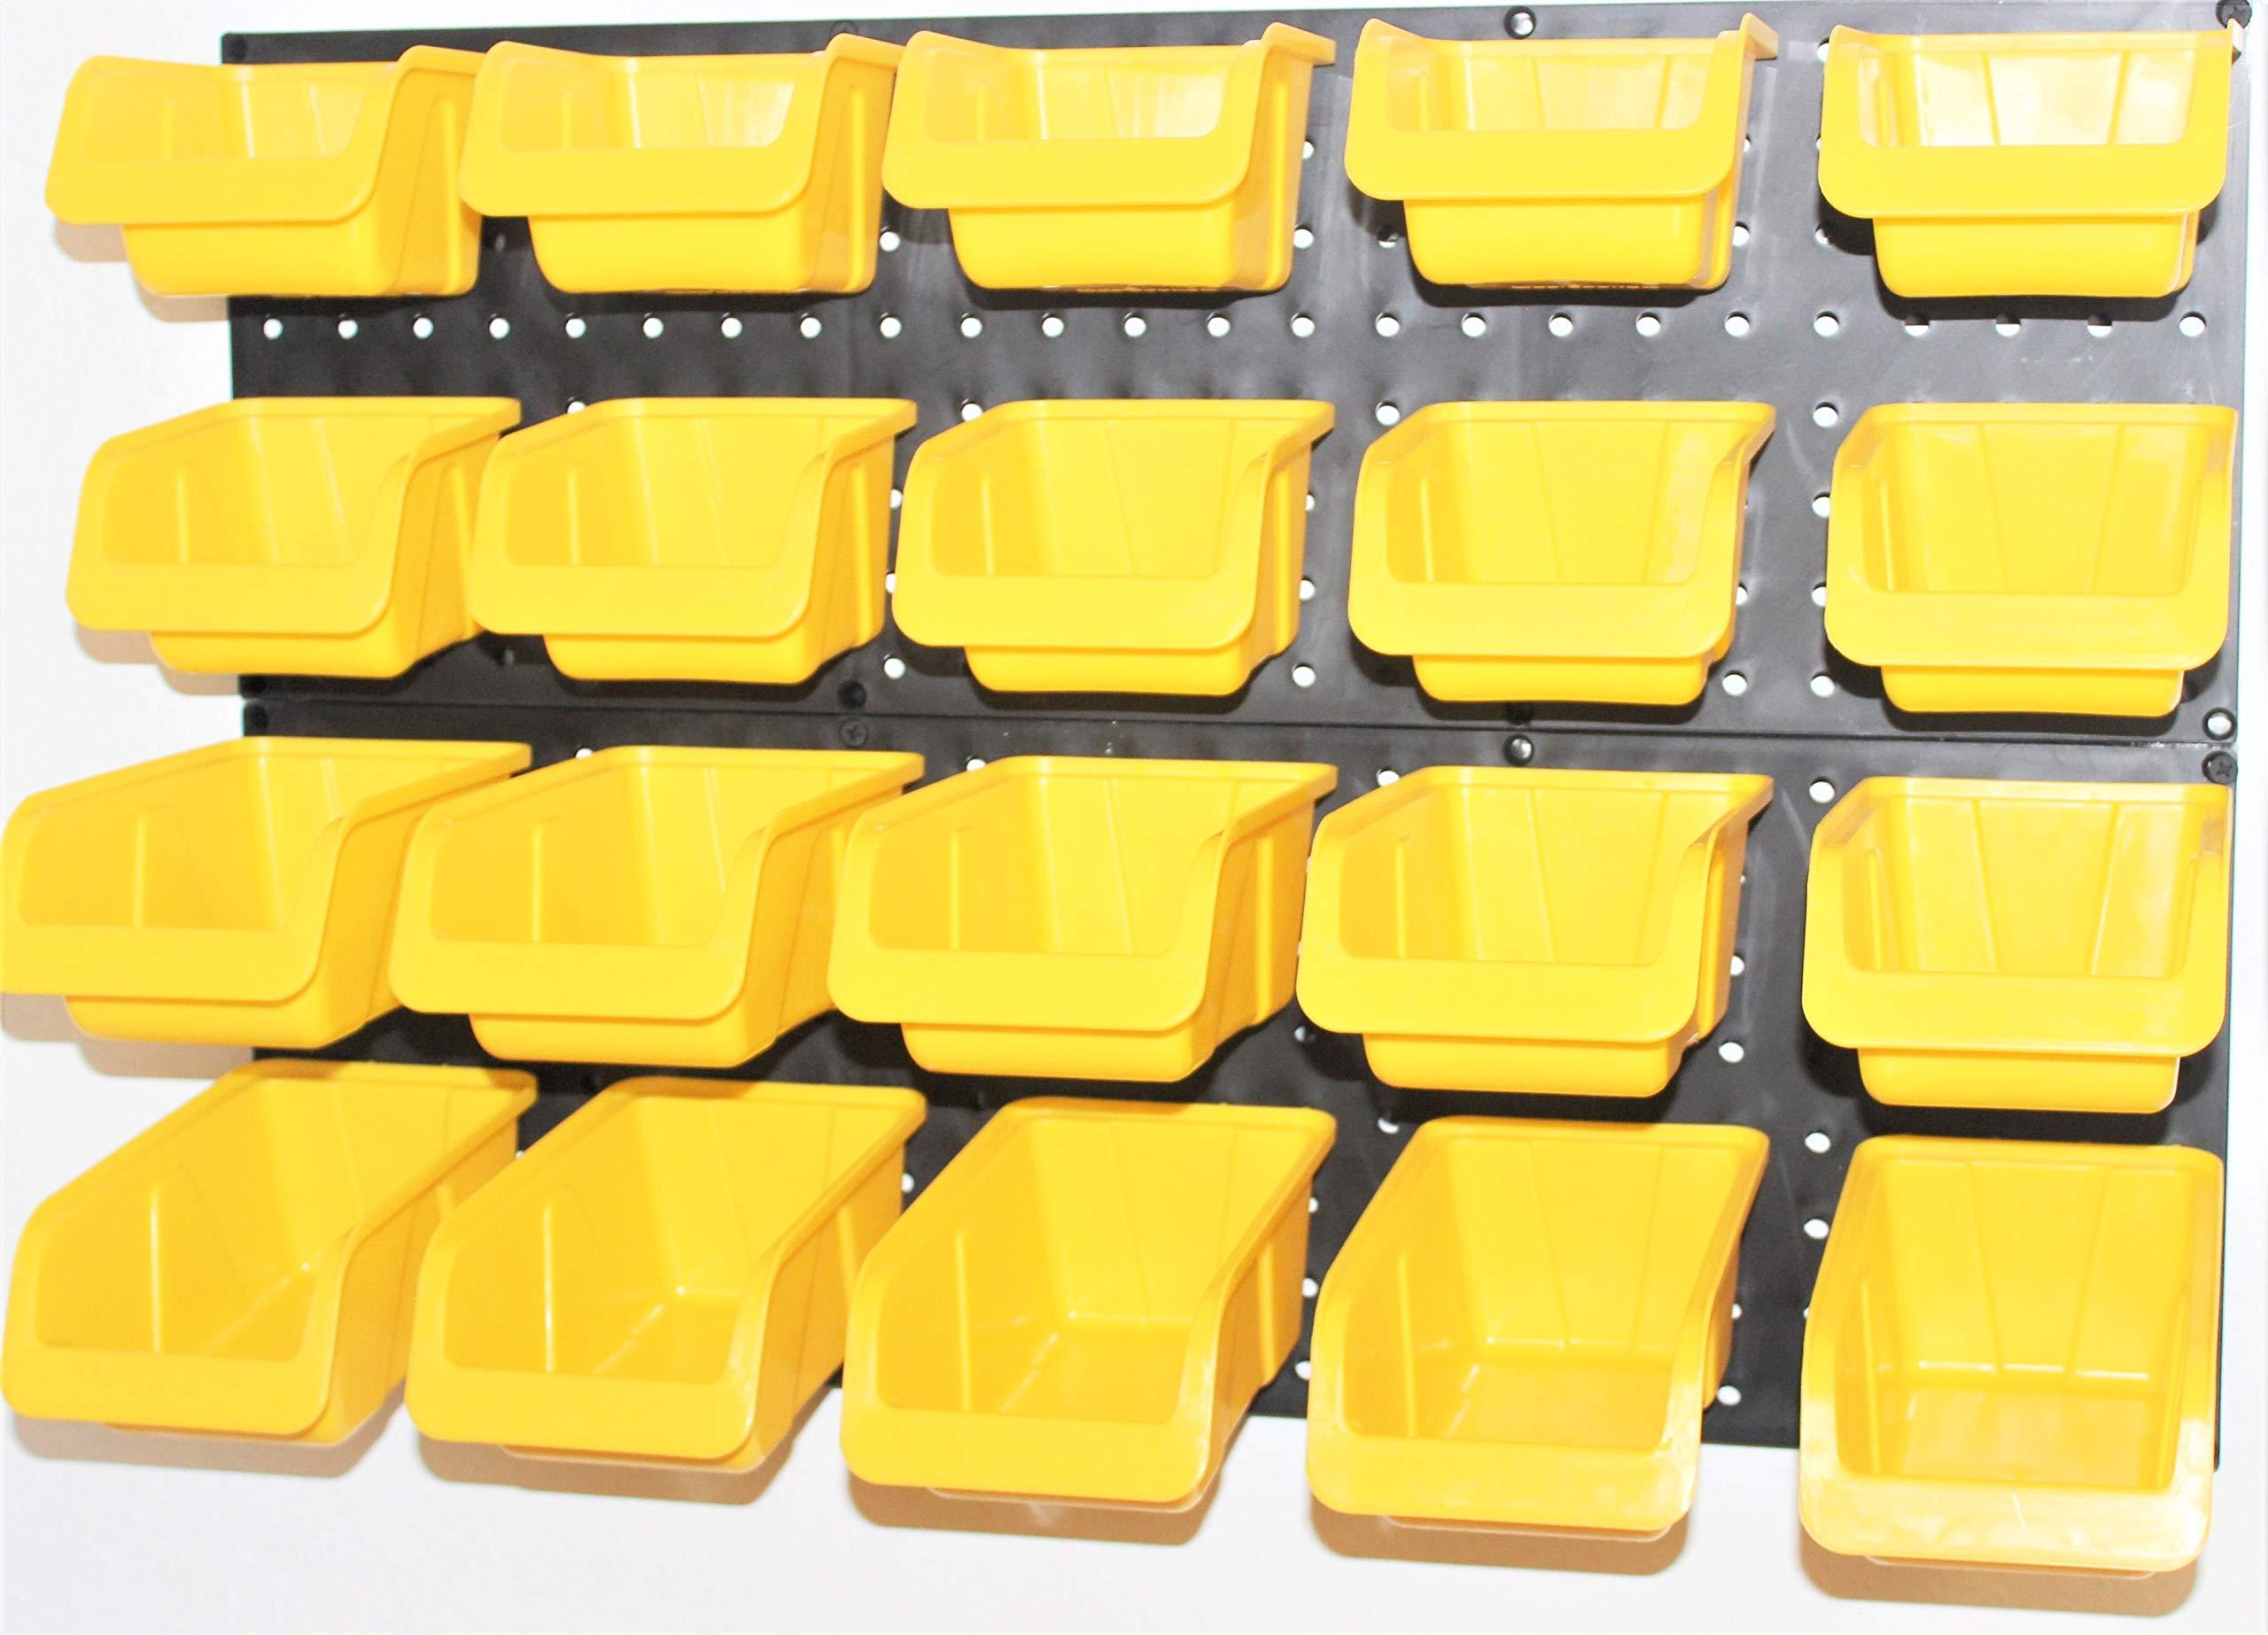 WallPeg Tool Organizer – Plastic Pegboard Yellow Bins 20 ea. # AM 20Y